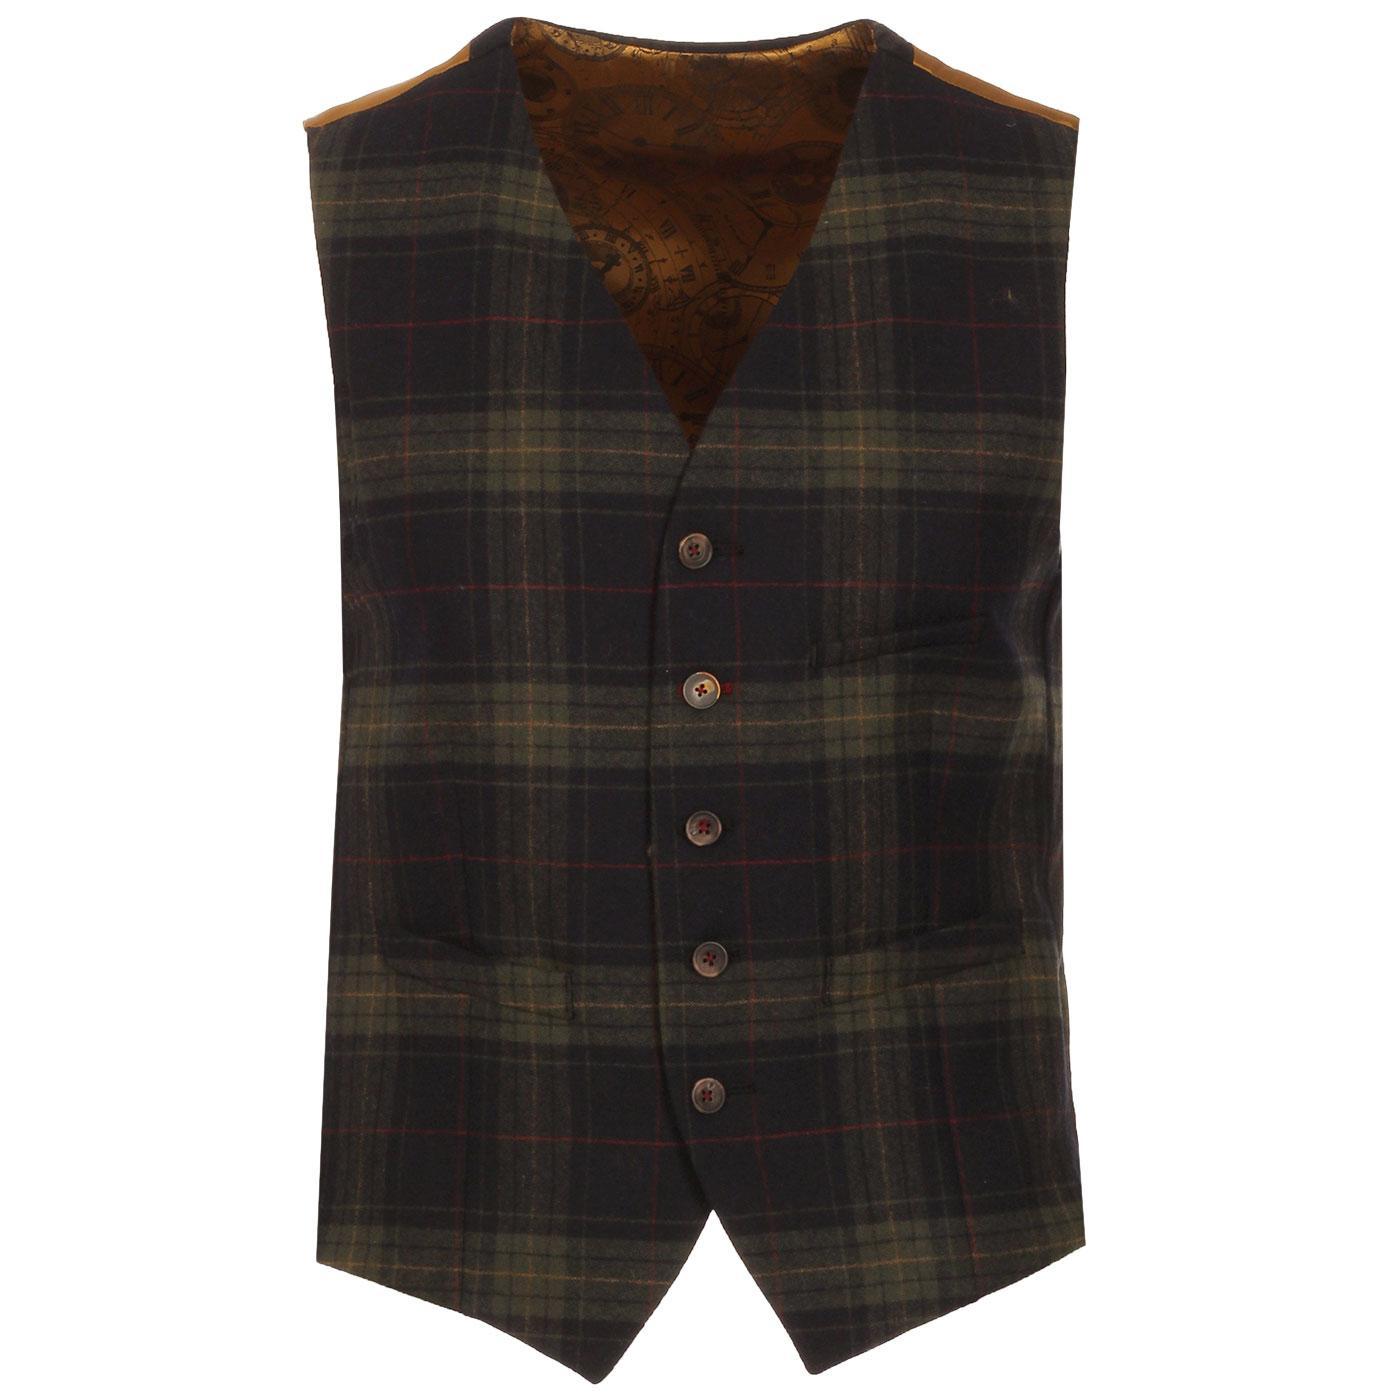 GIBSON LONDON 1960s Mod Tartan Waistcoat (B/G)